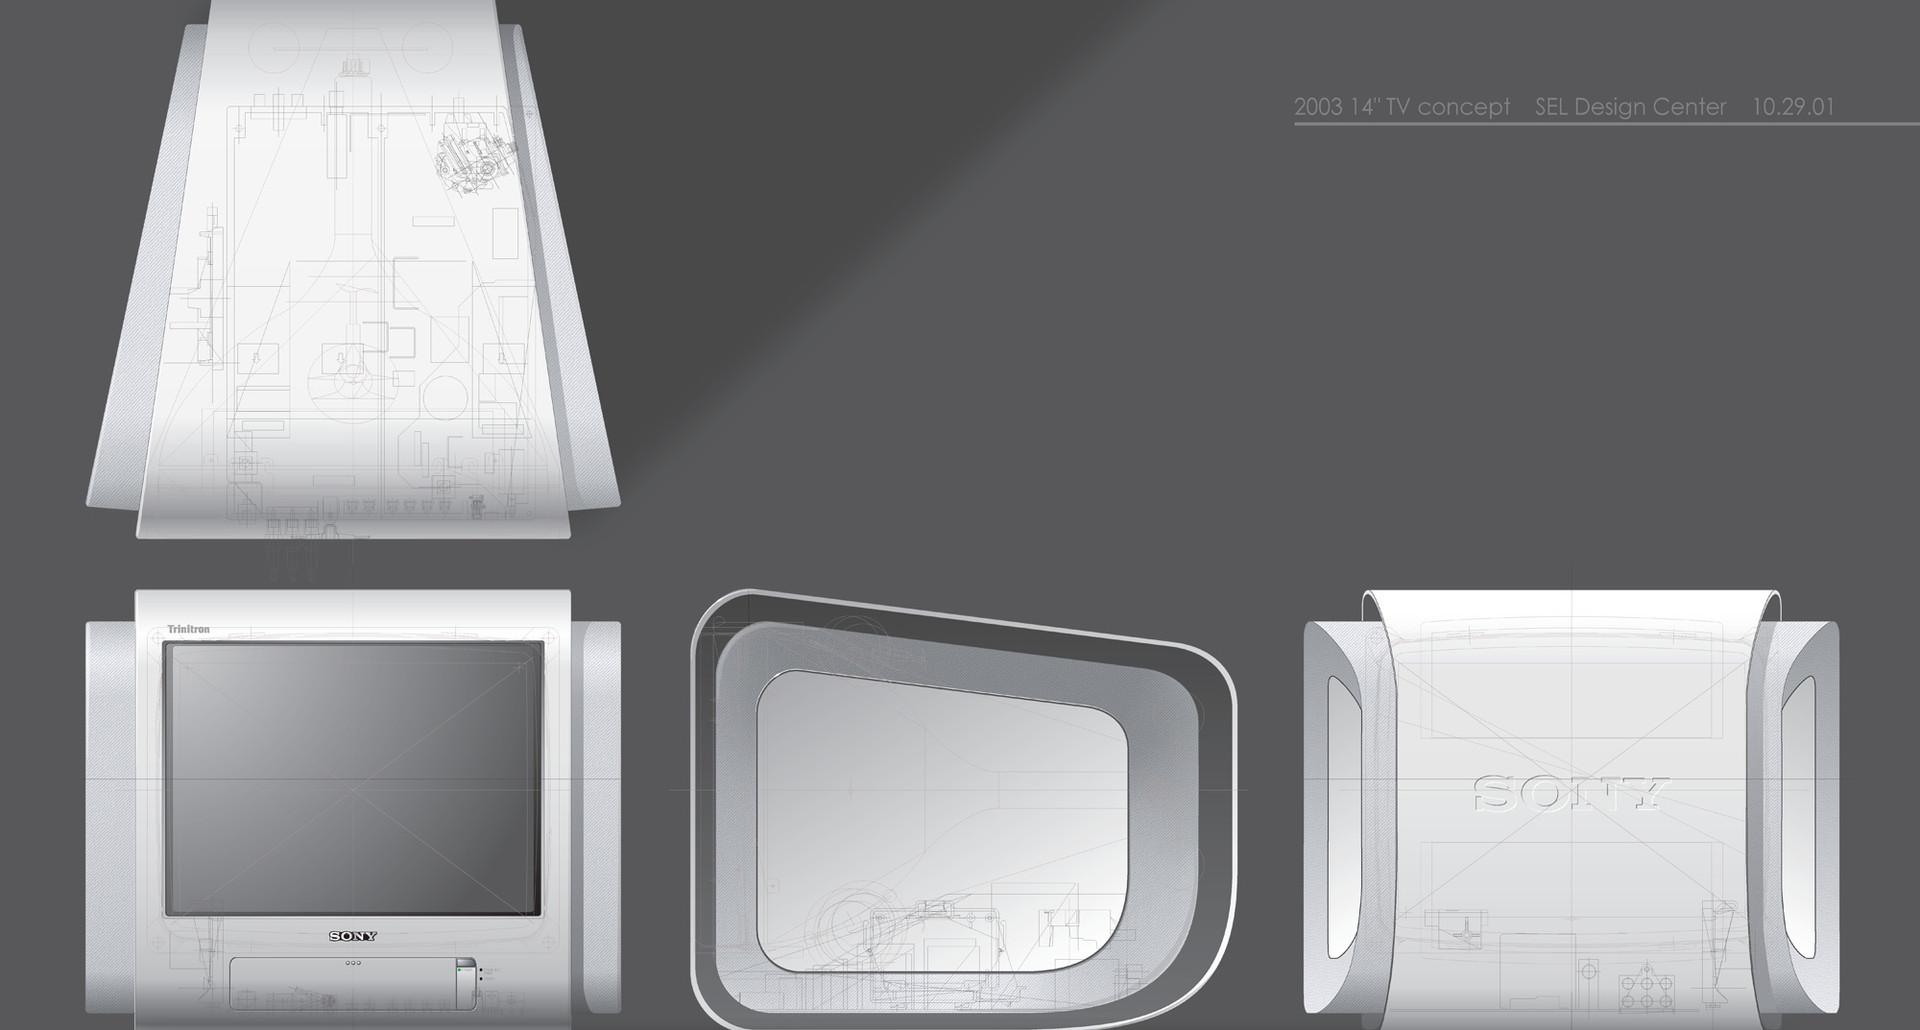 SONY TV CONCEPT 2001